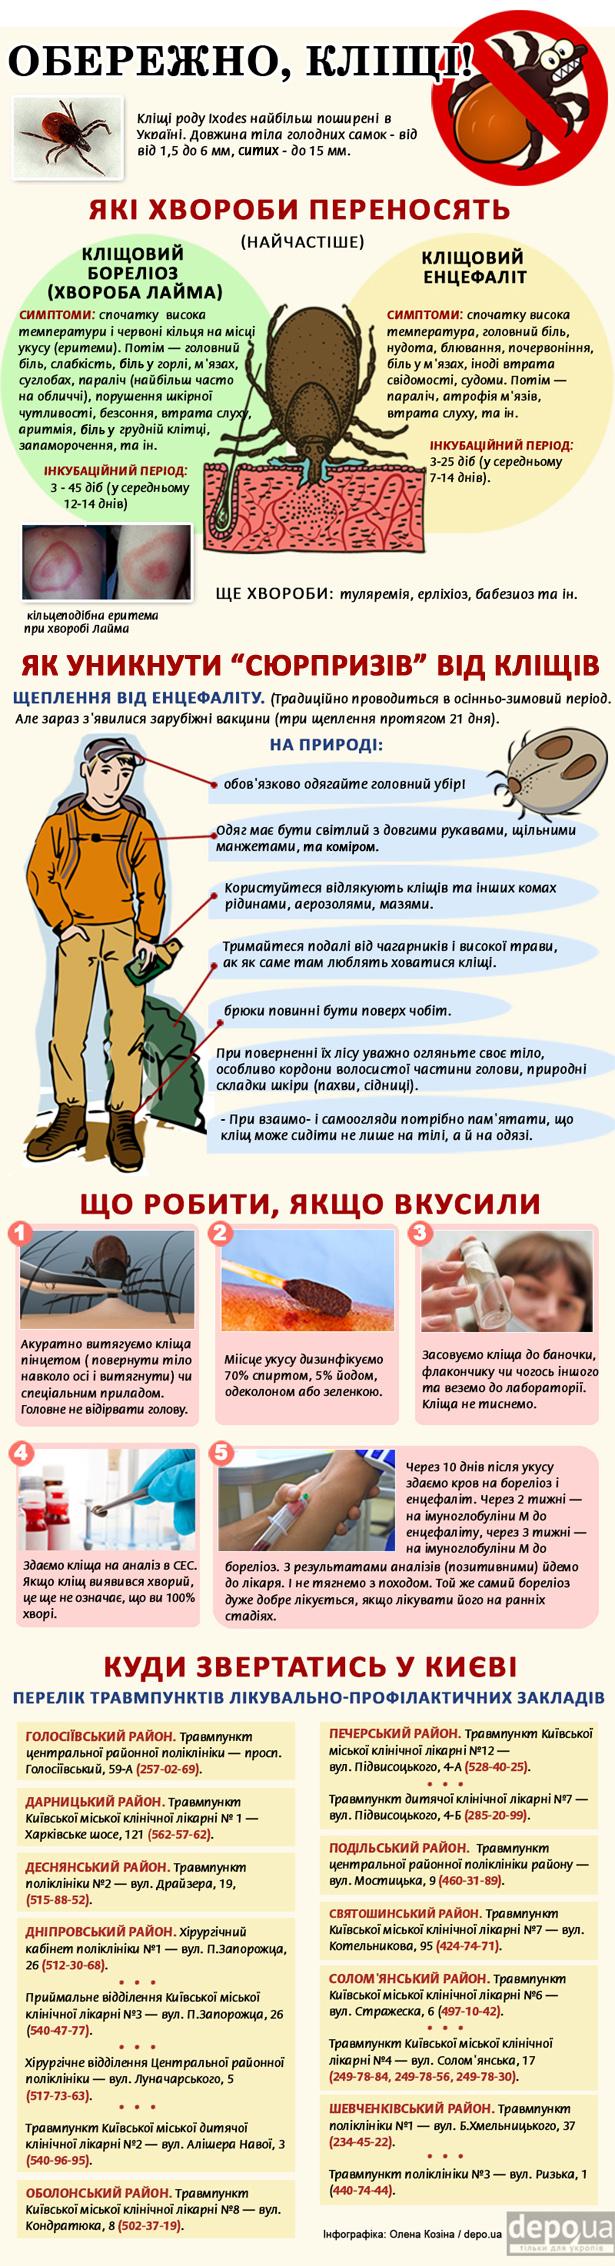 Як правильно уникати кліщів (ІНФОГРАФІКА) - фото 1